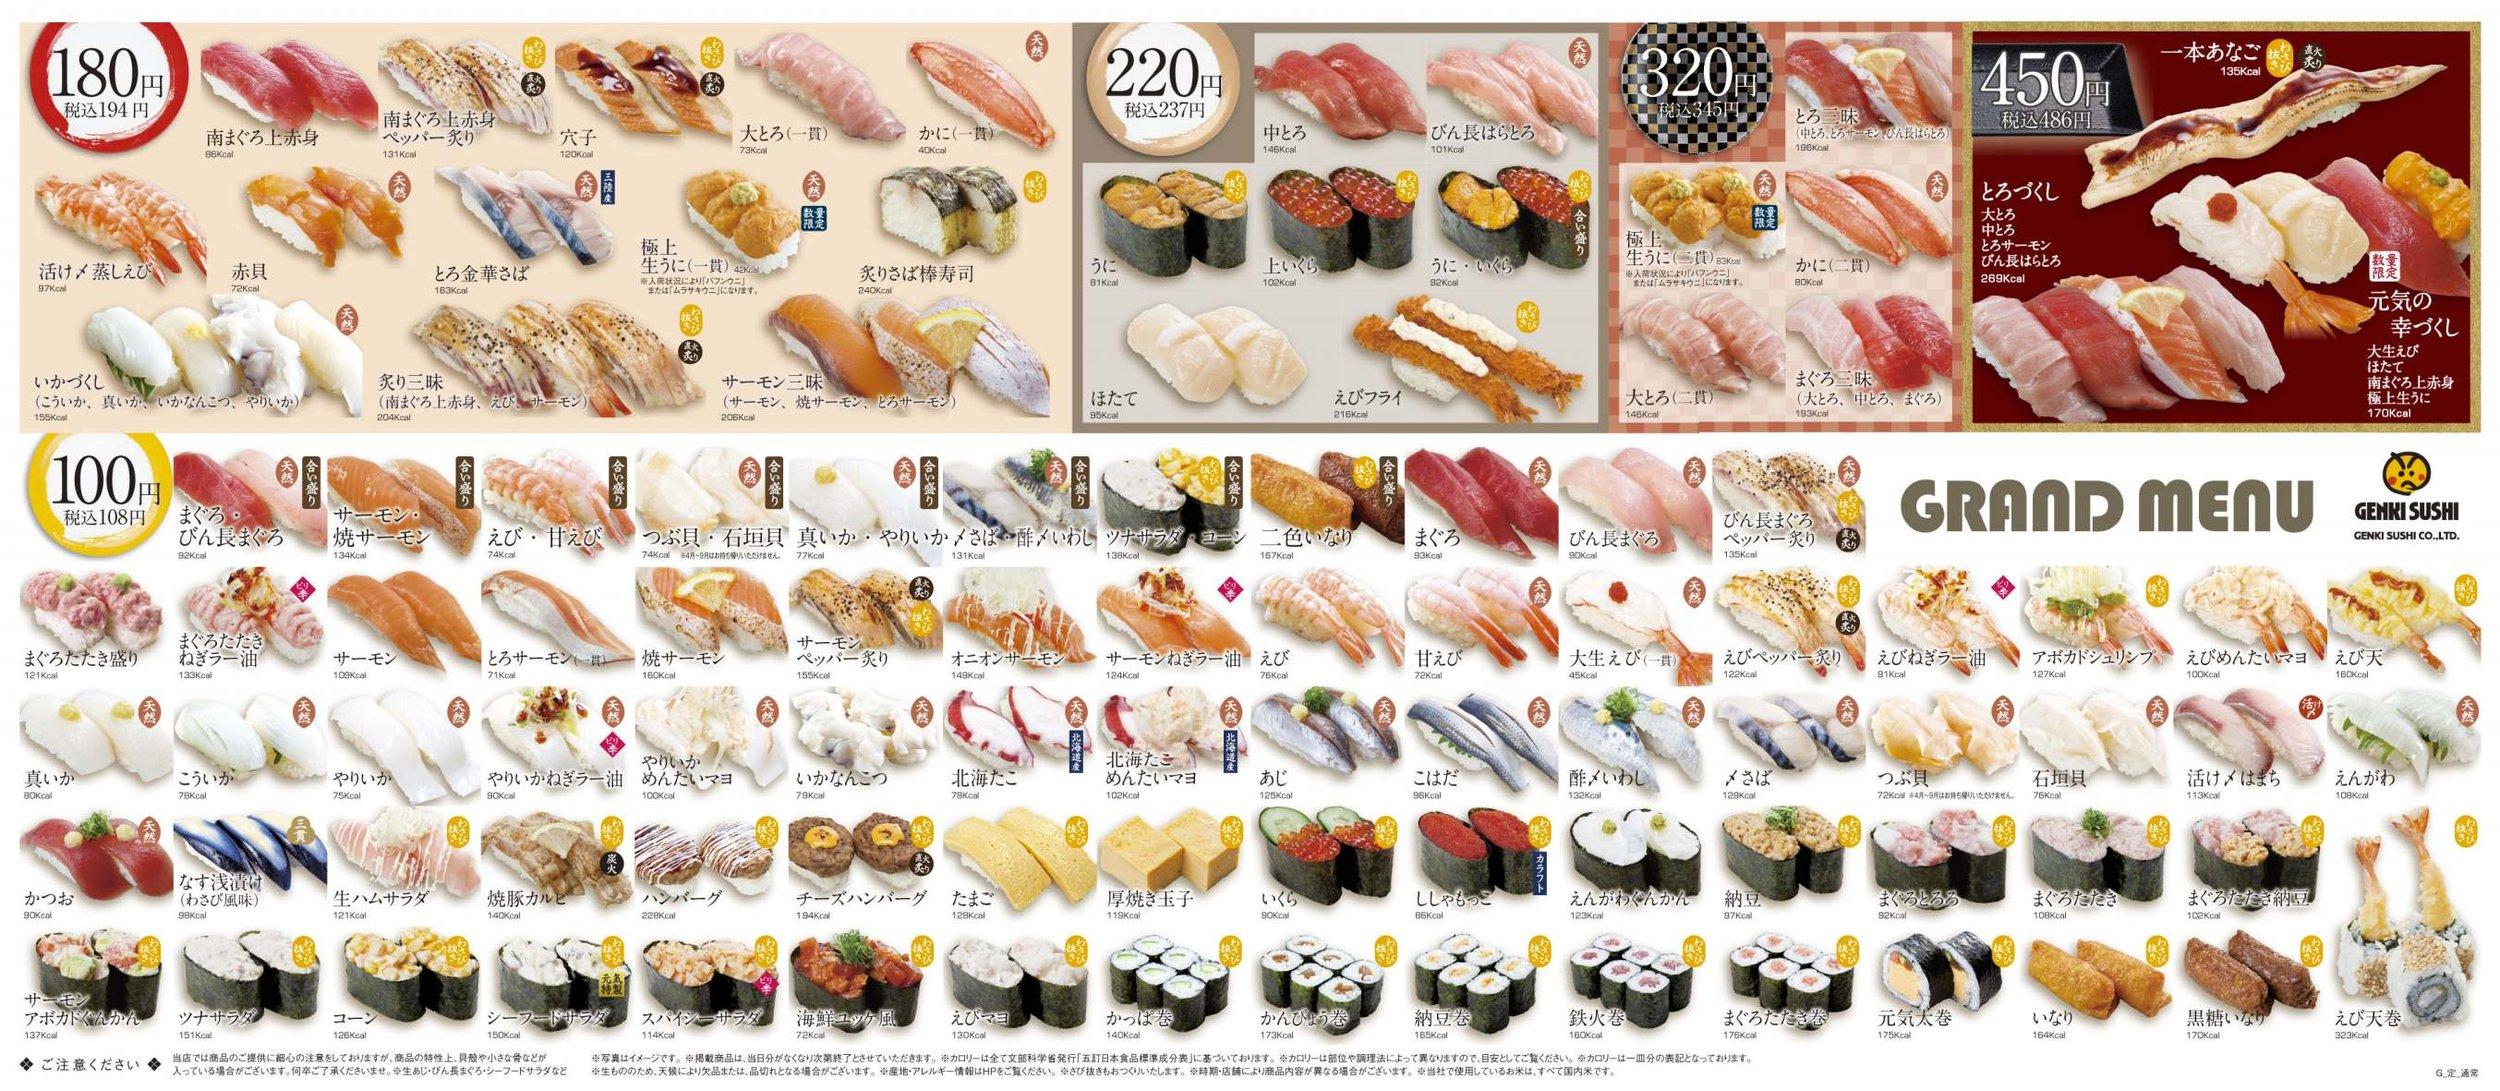 På den relativt populära lågpriskedjan Genki Sushi så erbjuds ett 80-tal olika sushi-varianter (där några inte är fisk).. Klicka för större bild.  Foto: Genki Sushi